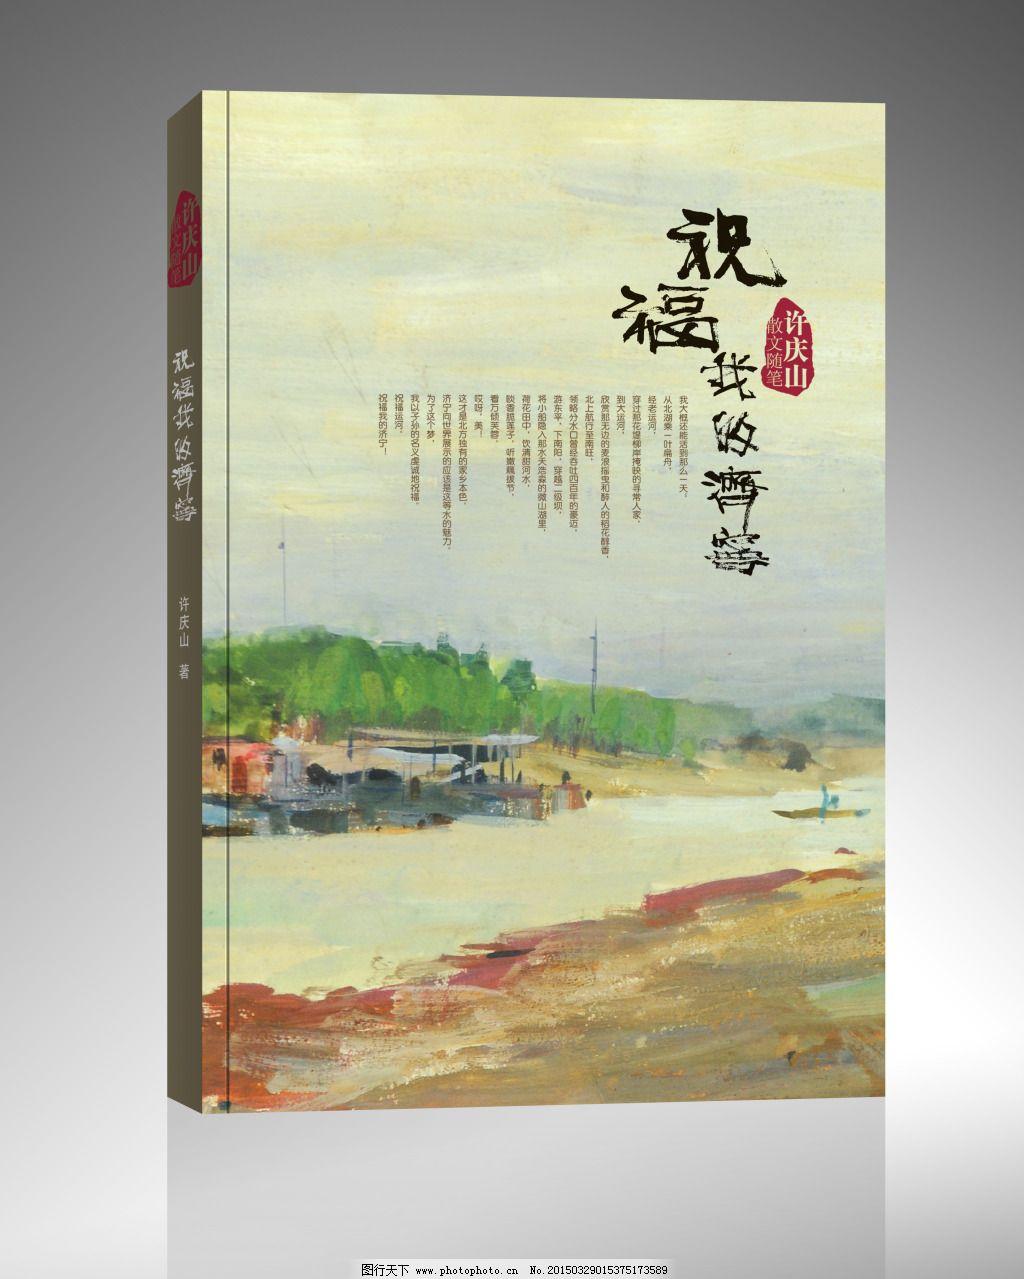 封面书籍 封面书籍免费下载 封面设计 济宁 散文 祝福我的济宁